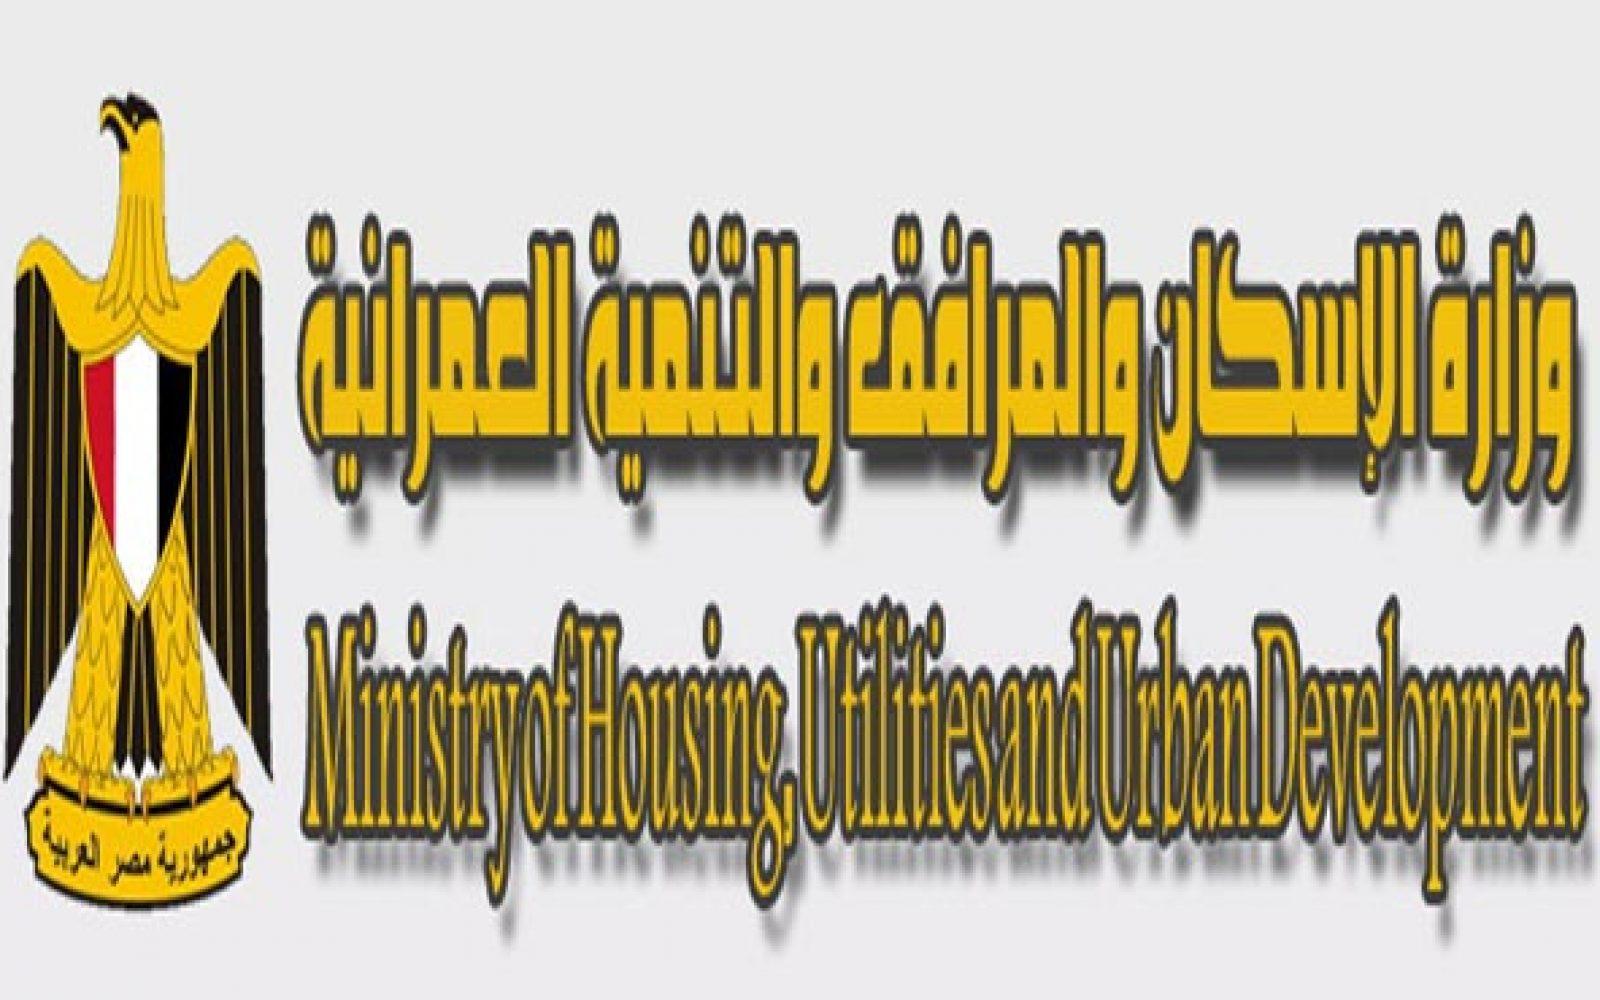 وزارة الإسكان تعلن عن وظائف شاغرة .. أعرف الشروط والمؤهلات المطلوبة وكيفية التقديم